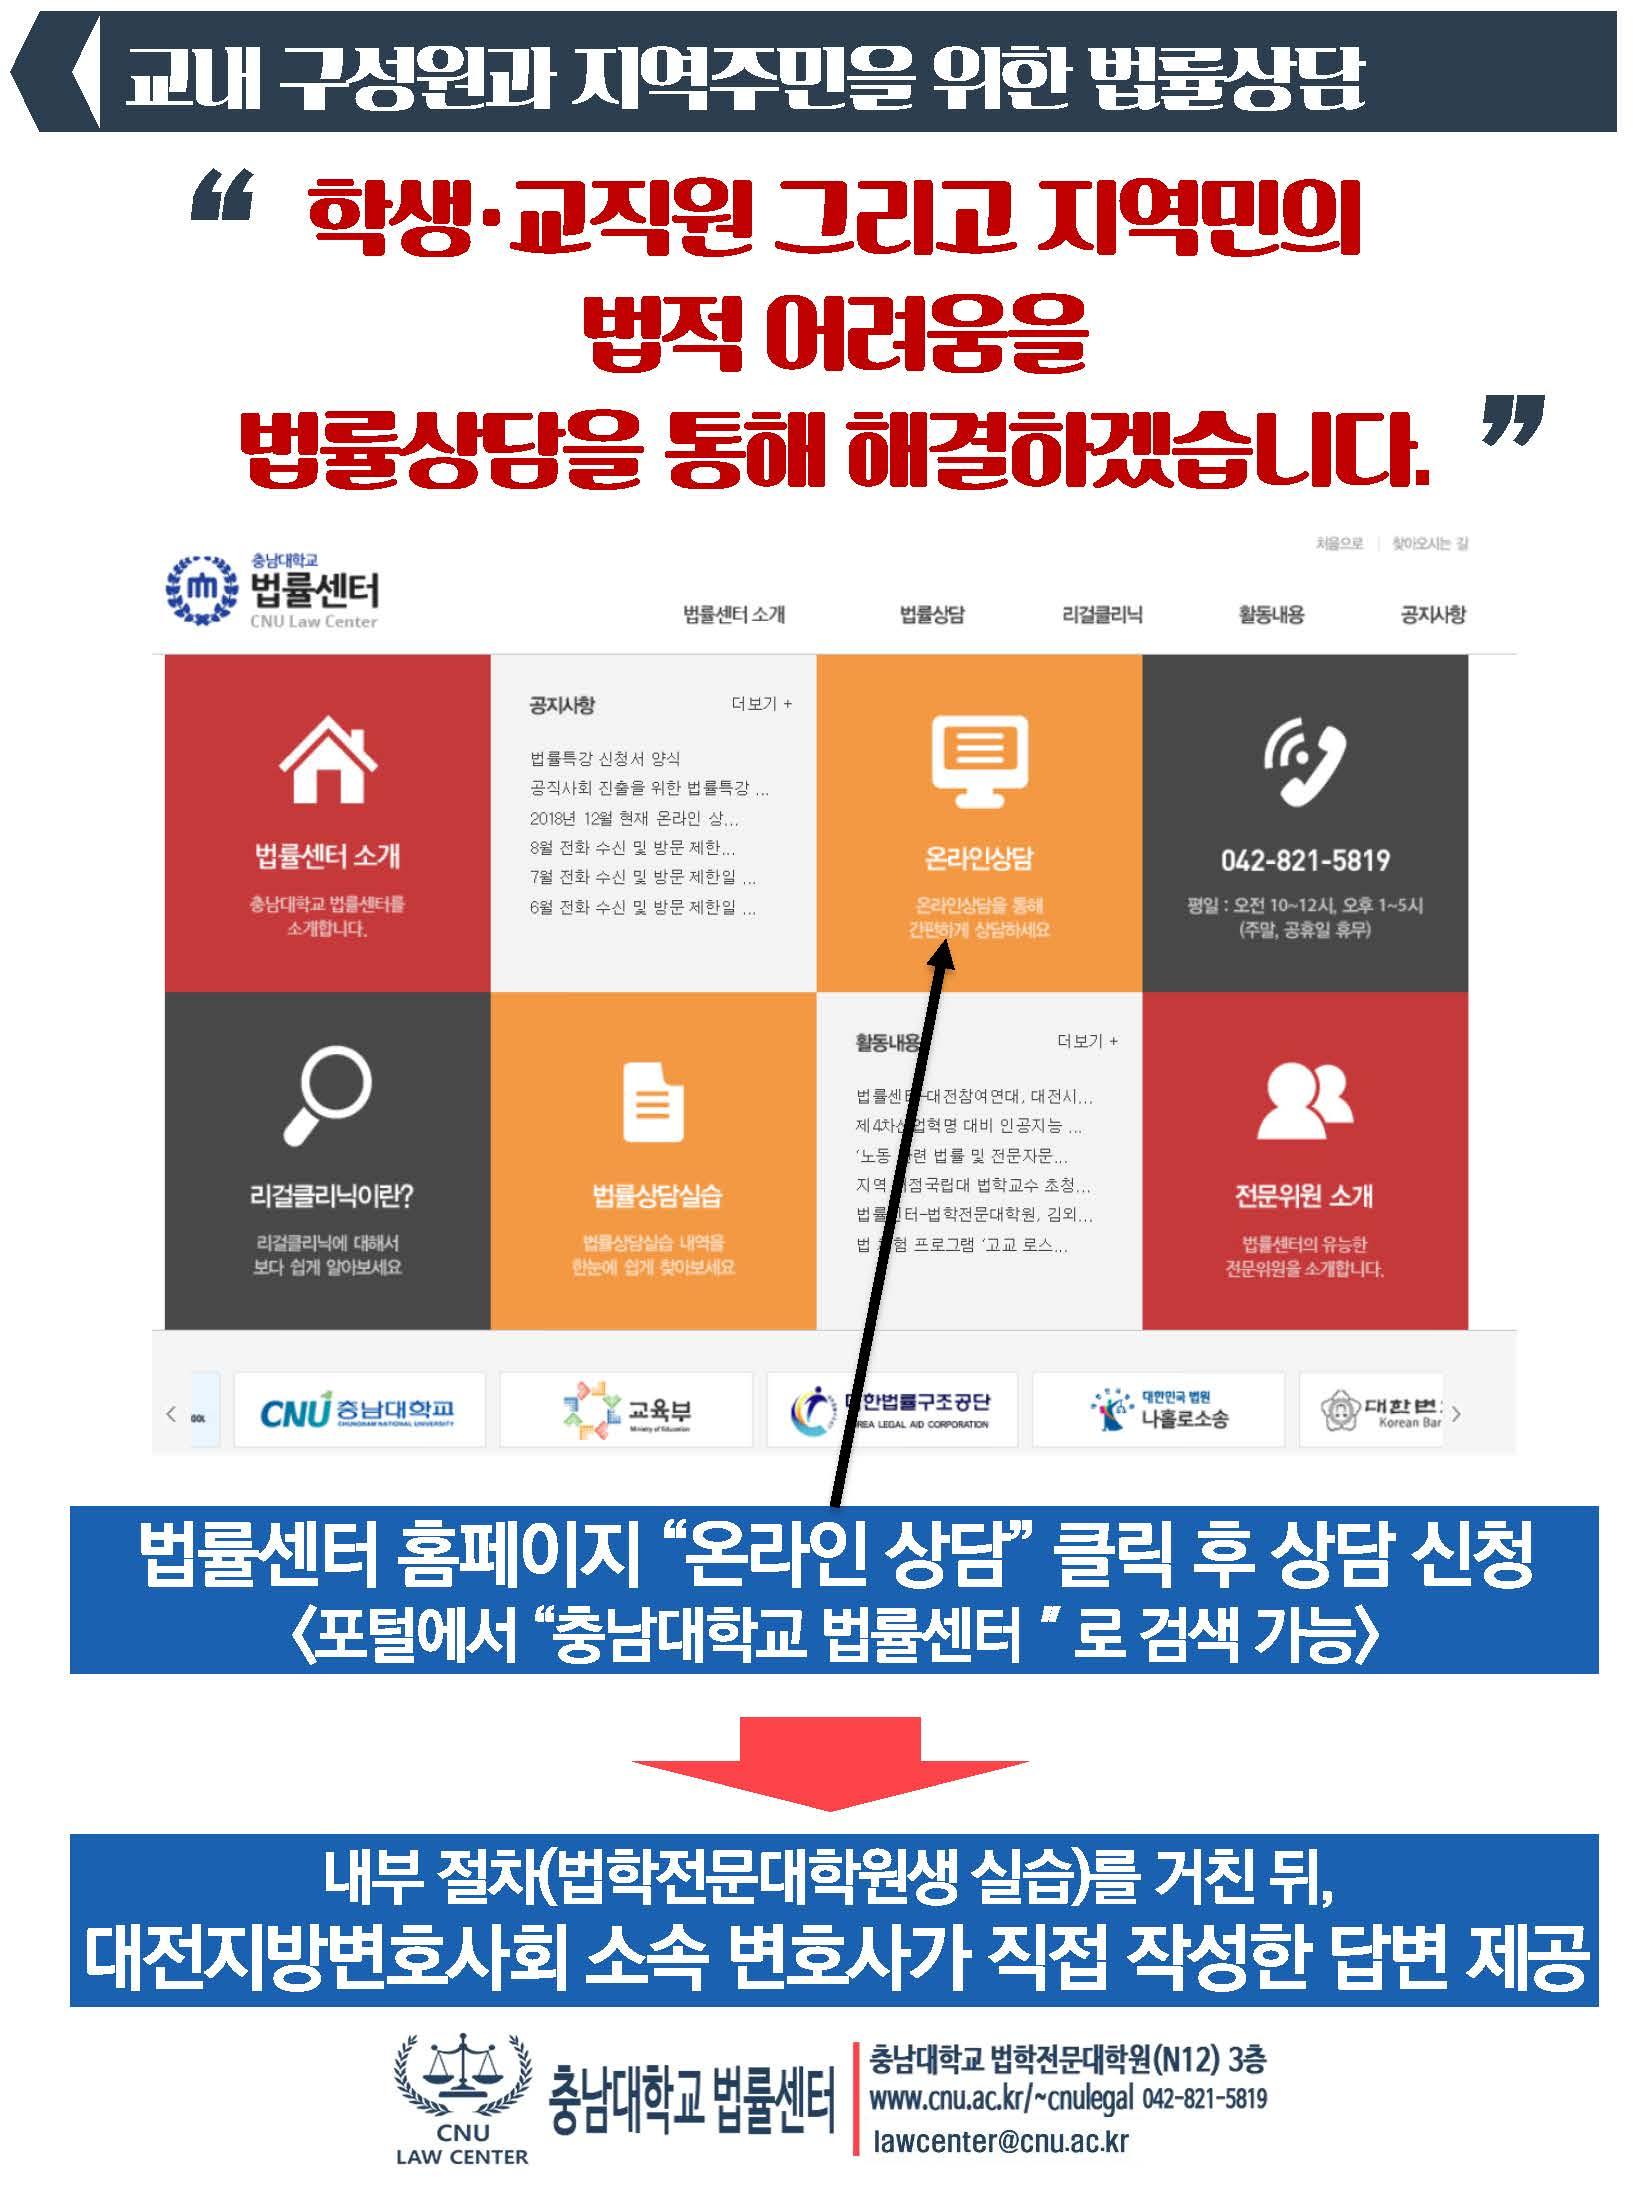 충남대학교 법률센터 홍보자료_페이지_05.jpg